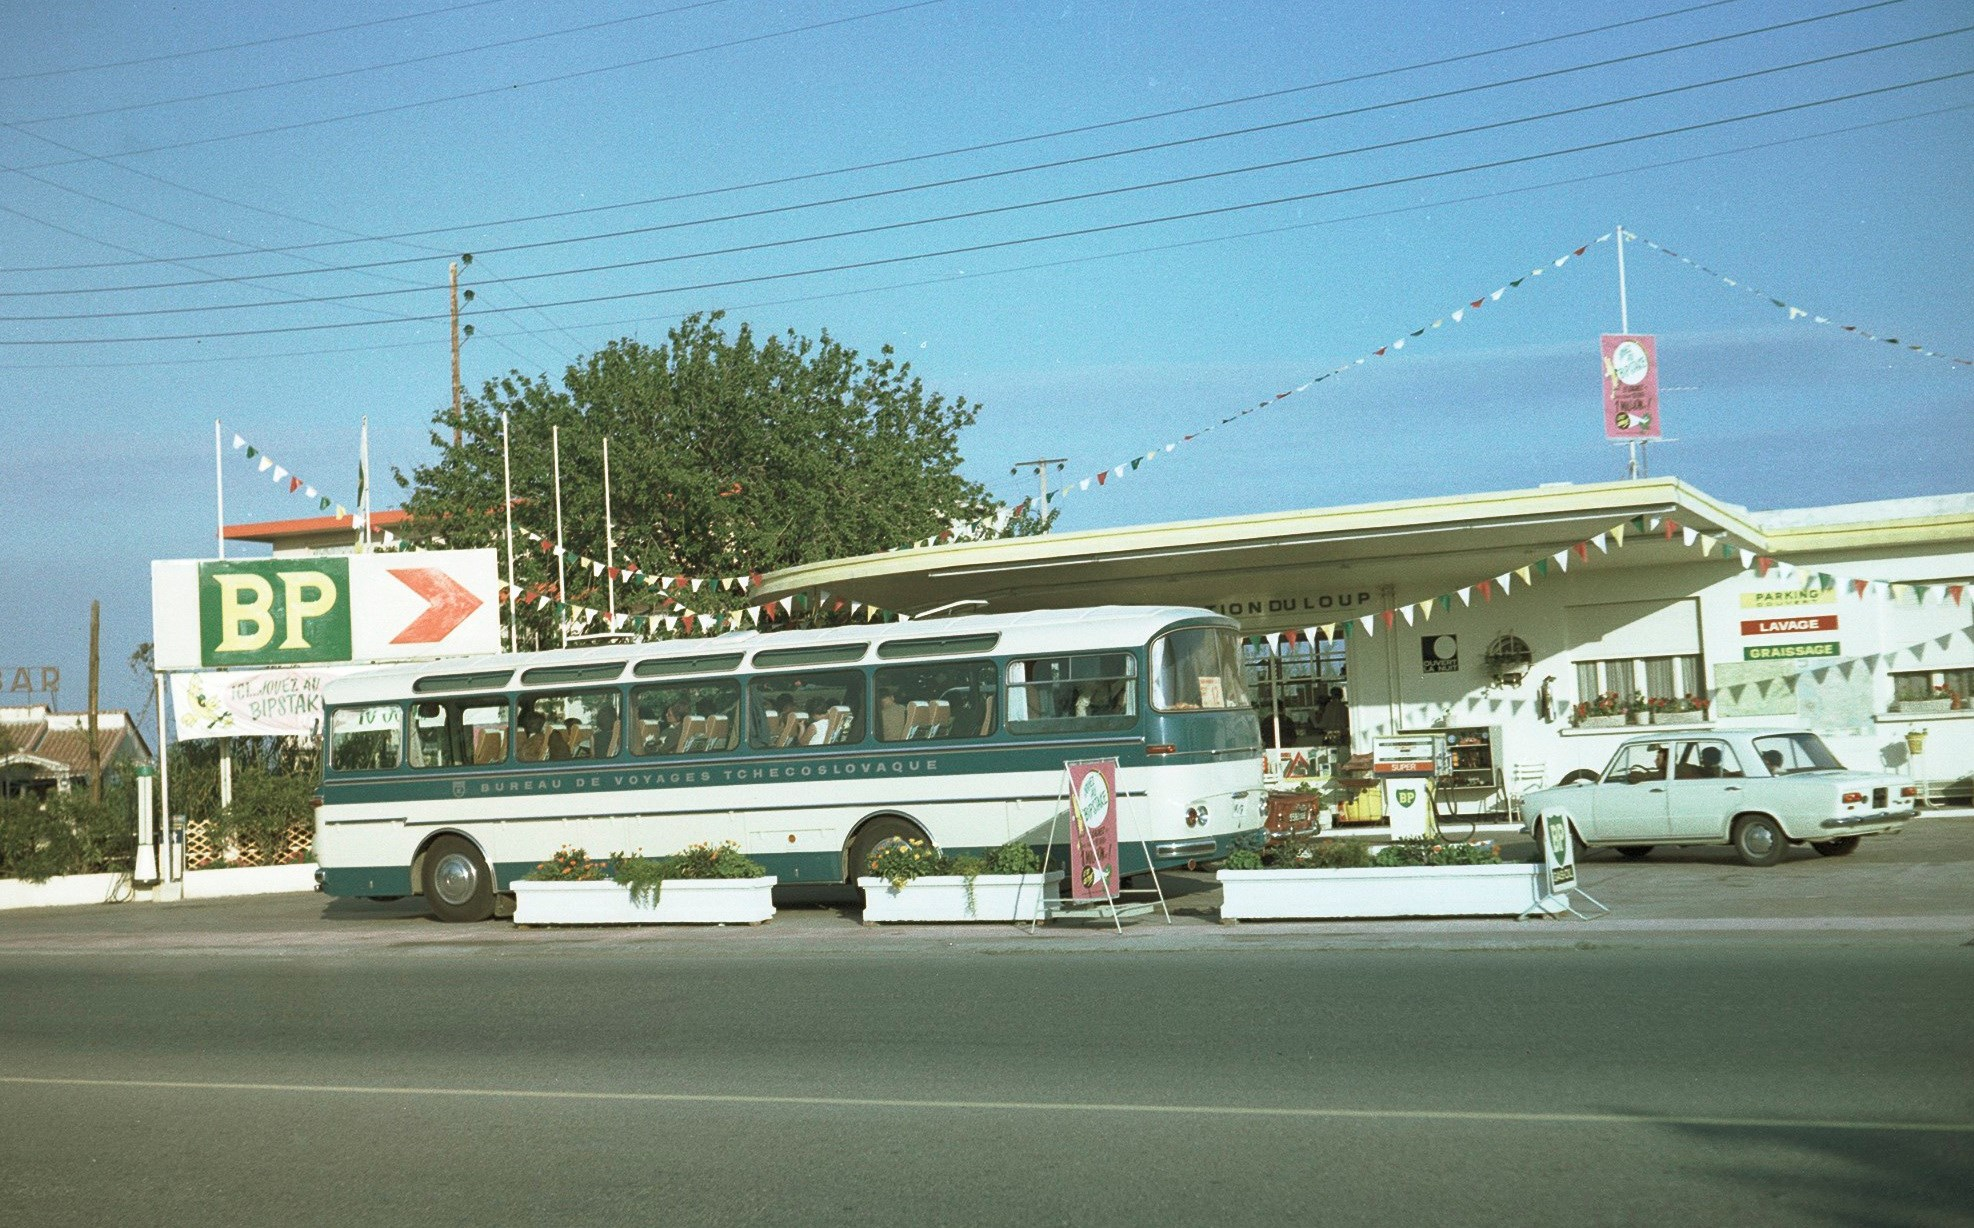 Karosa-sd-11-evropabus-op-weg-naar--van-nice-in-1967